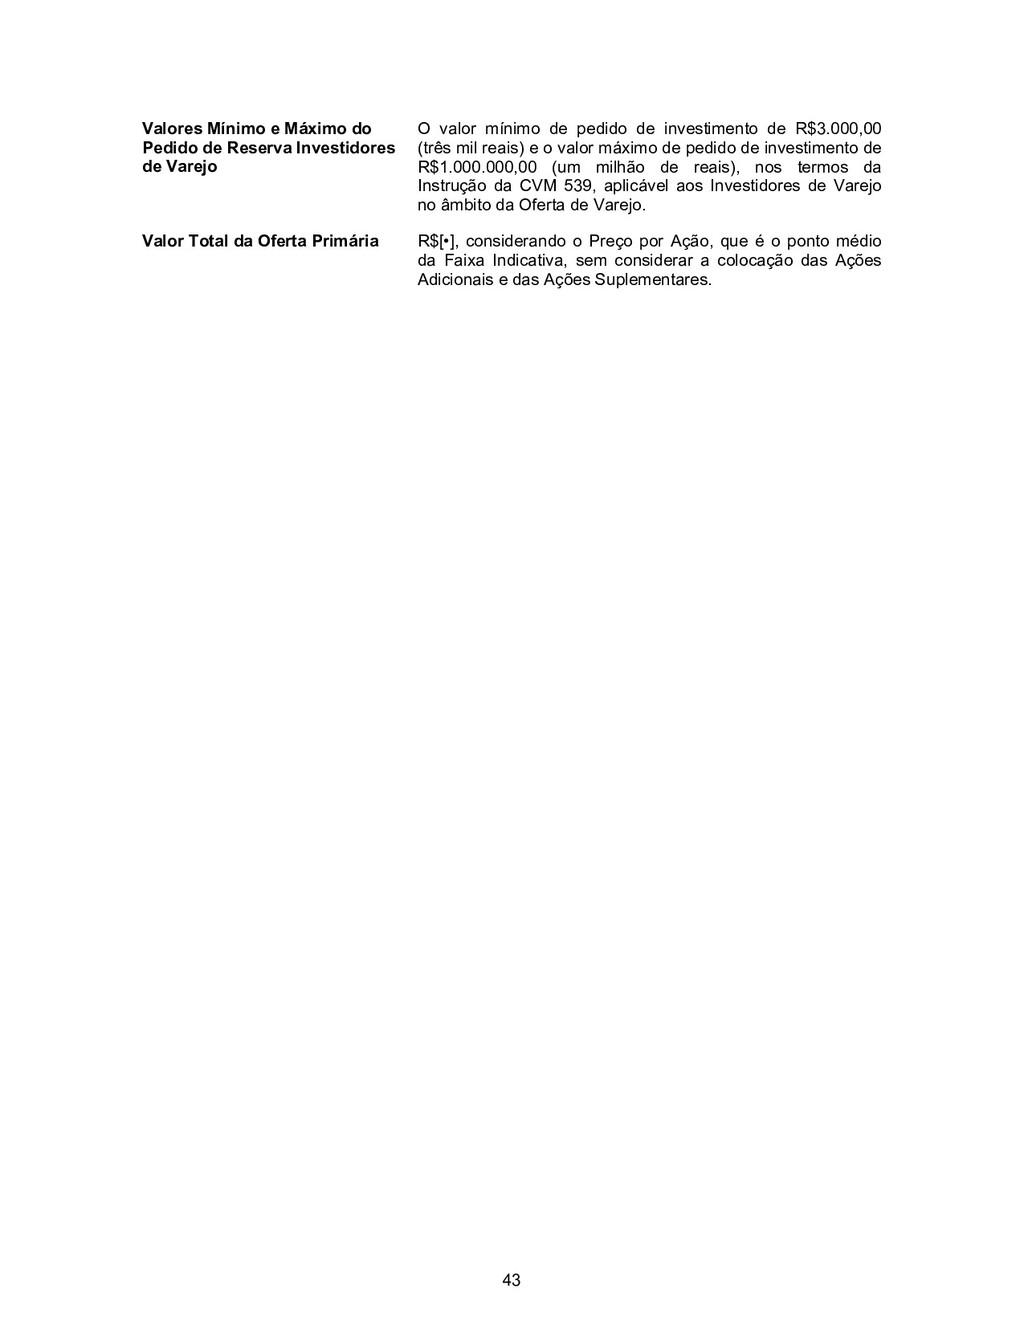 43 Valores Mínimo e Máximo do Pedido de Reserva...